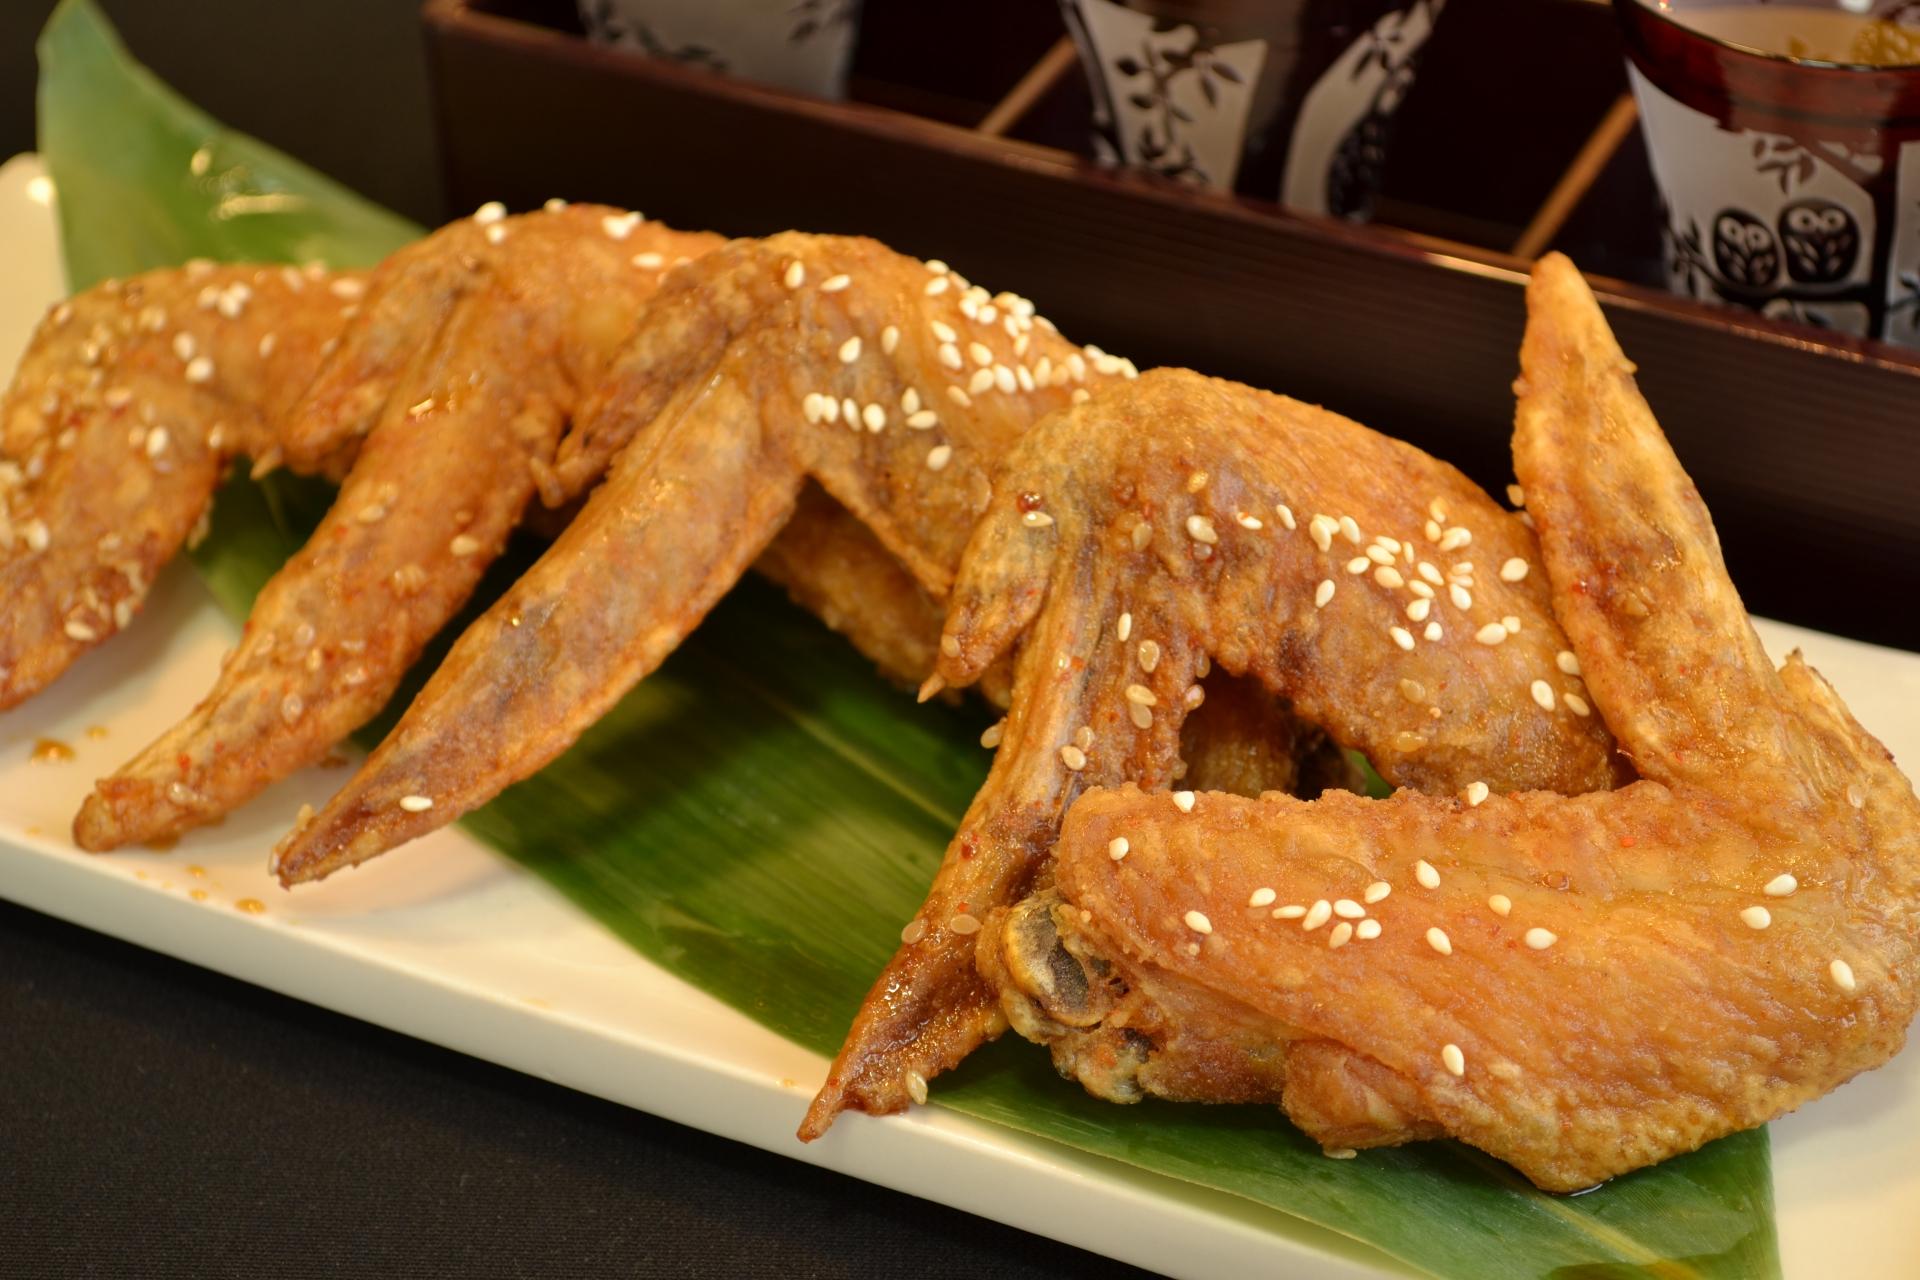 新宿「丸鶏 るいすけ」は人気居酒屋!名店のおすすめメニューをチェック!